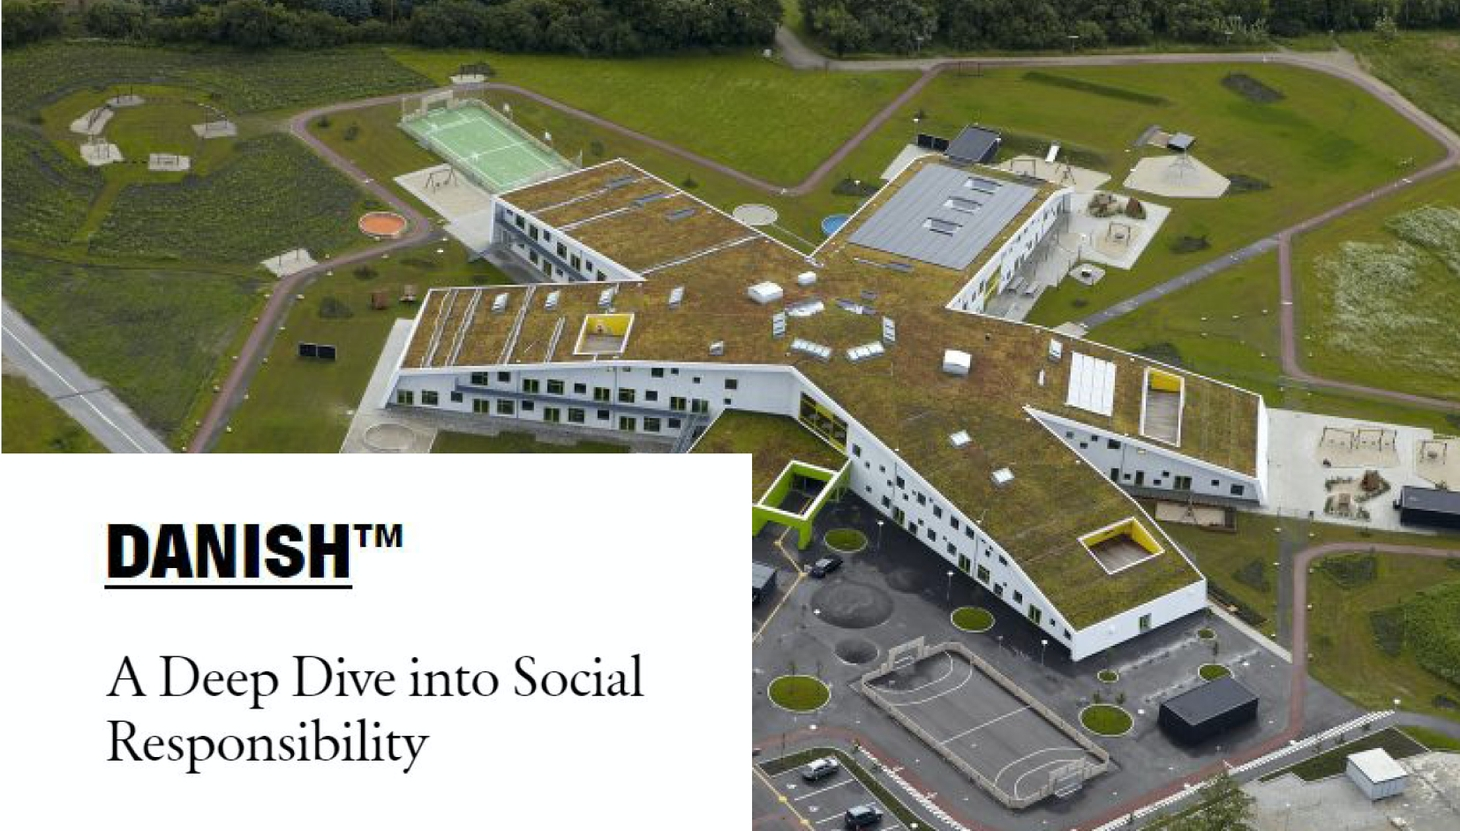 A Deep Dive into Social Responsibility